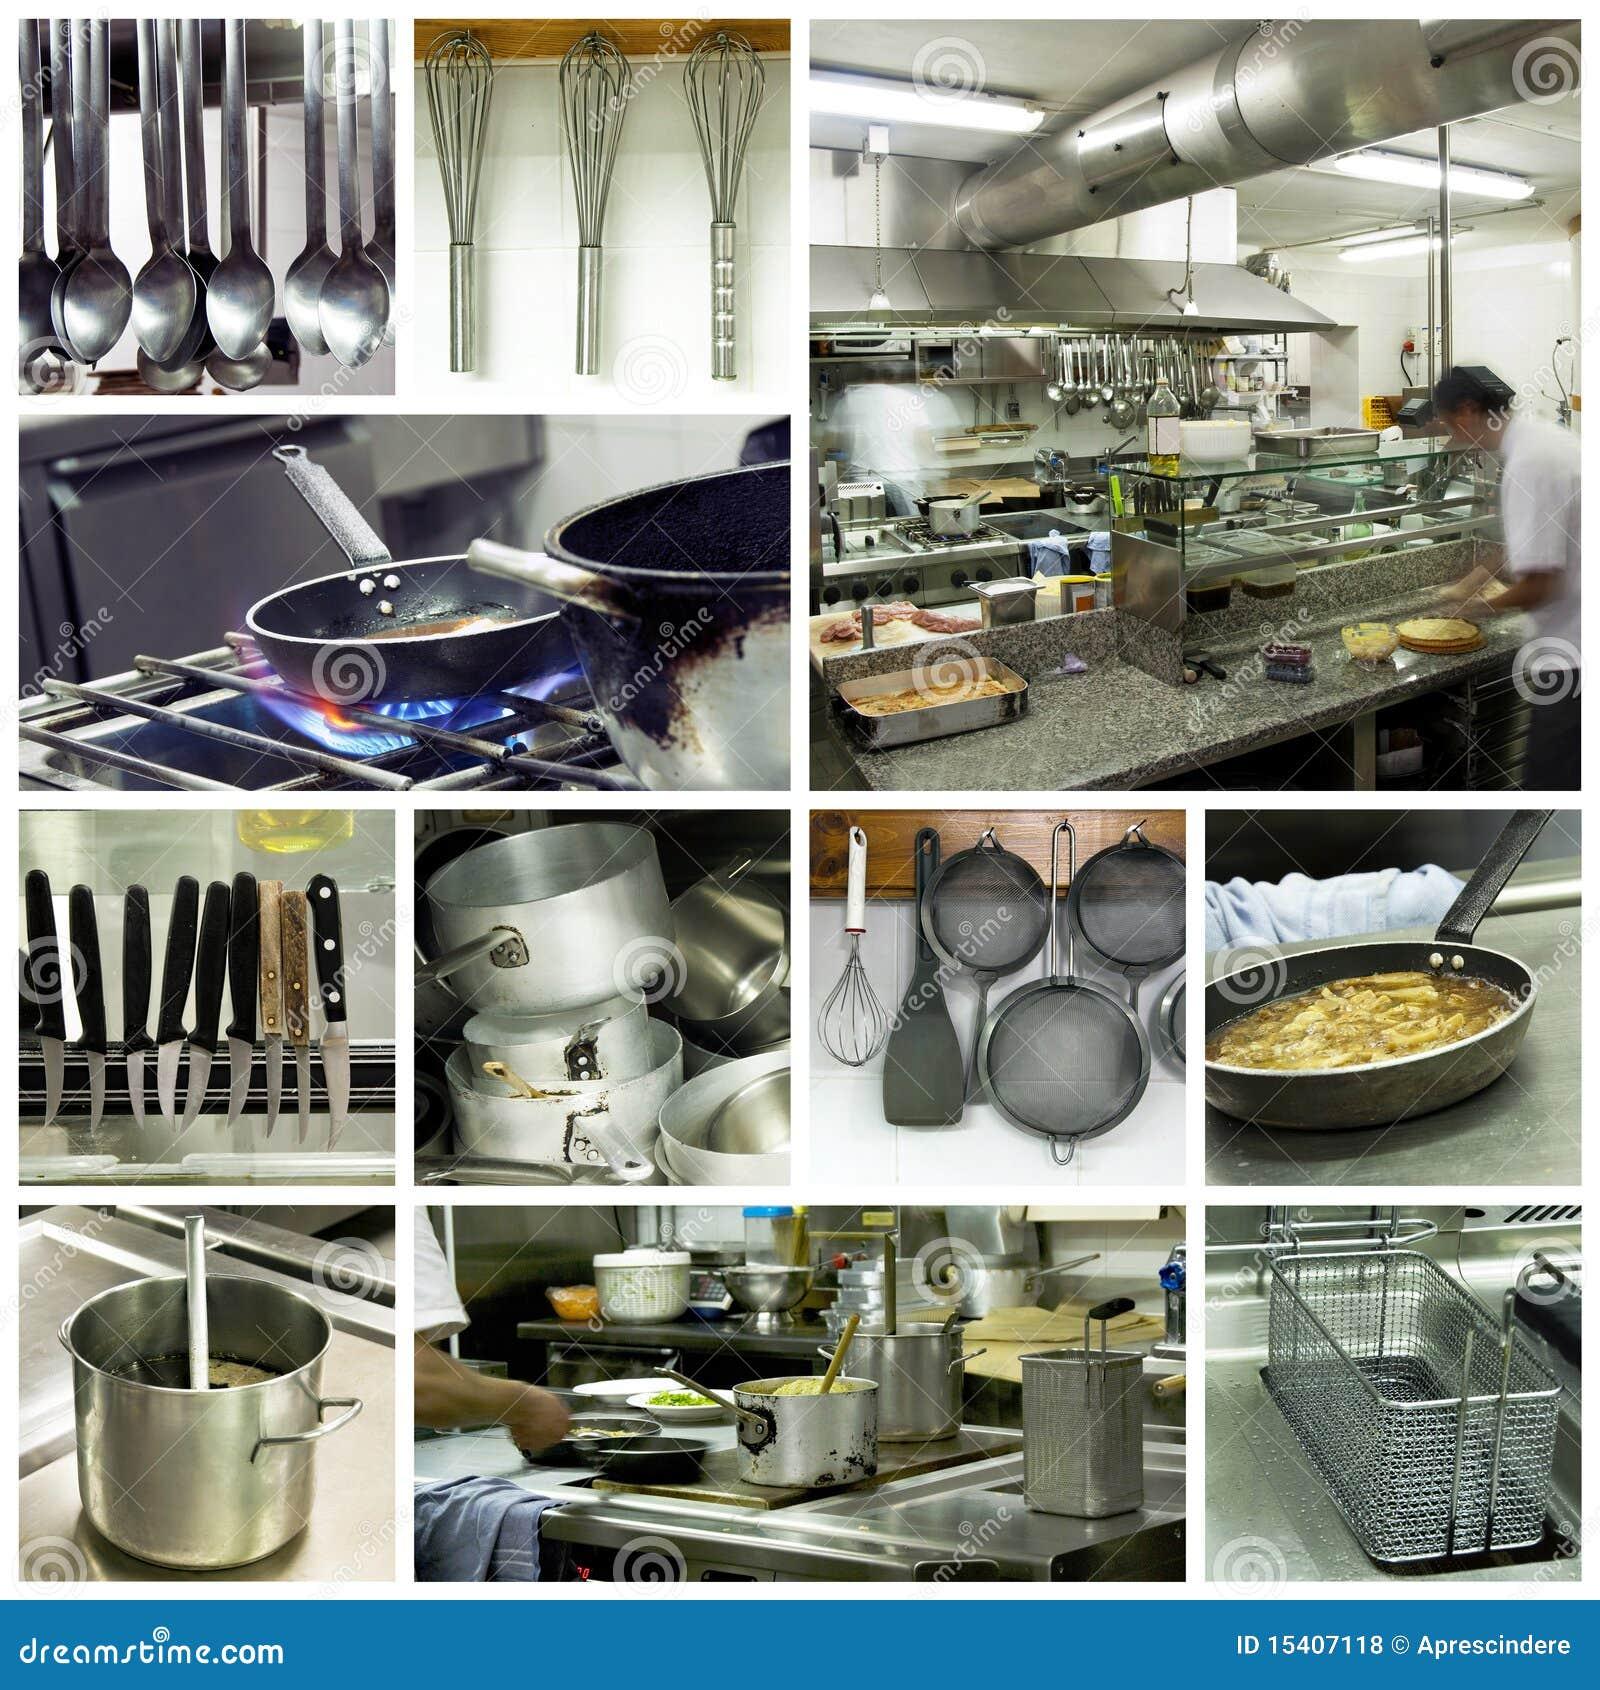 Utensils For Commercial Kitchen